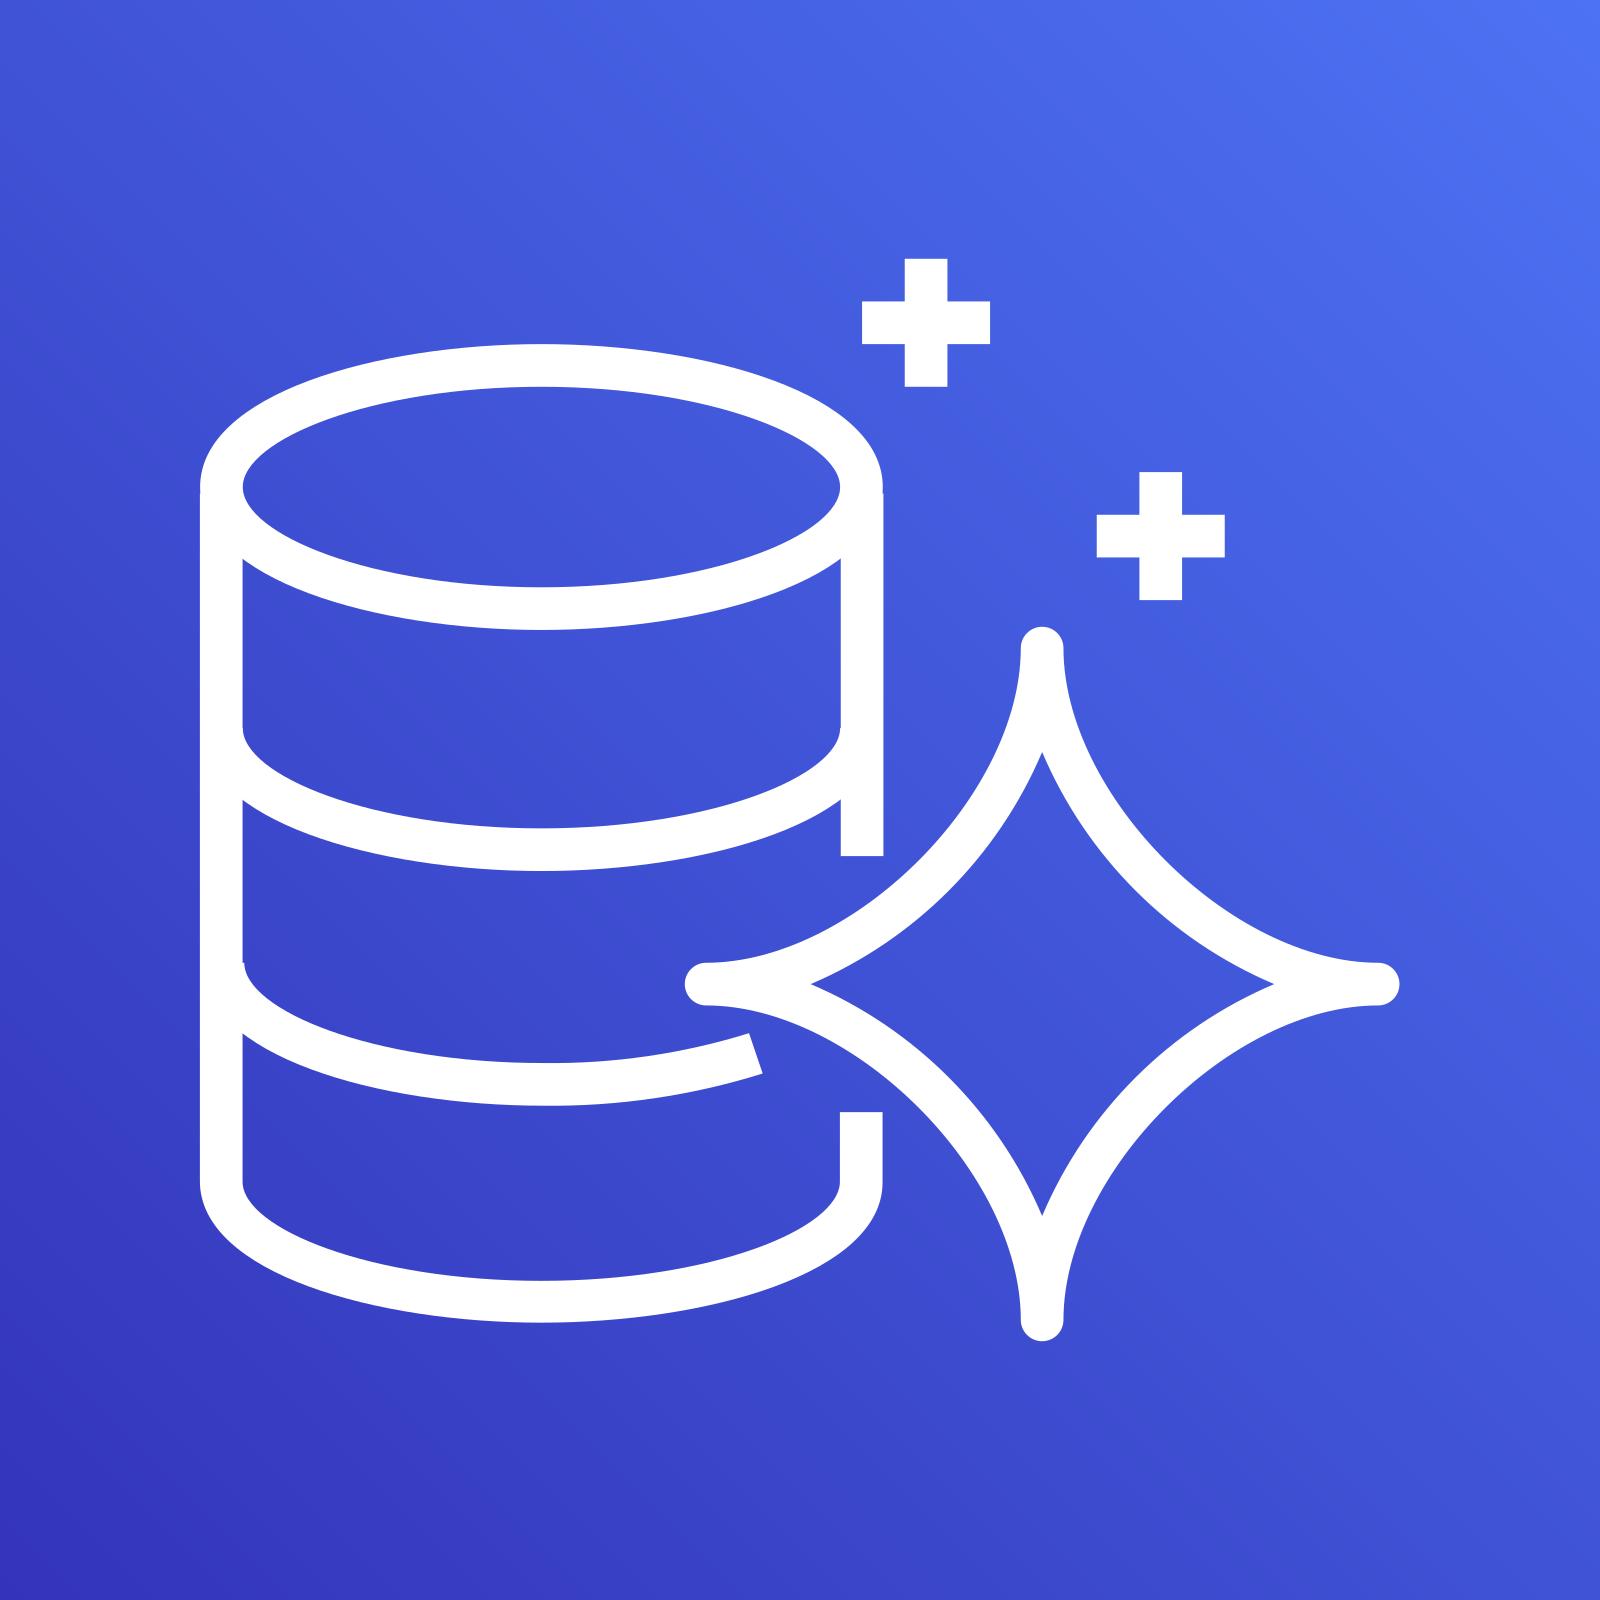 Database of Databases - Aurora